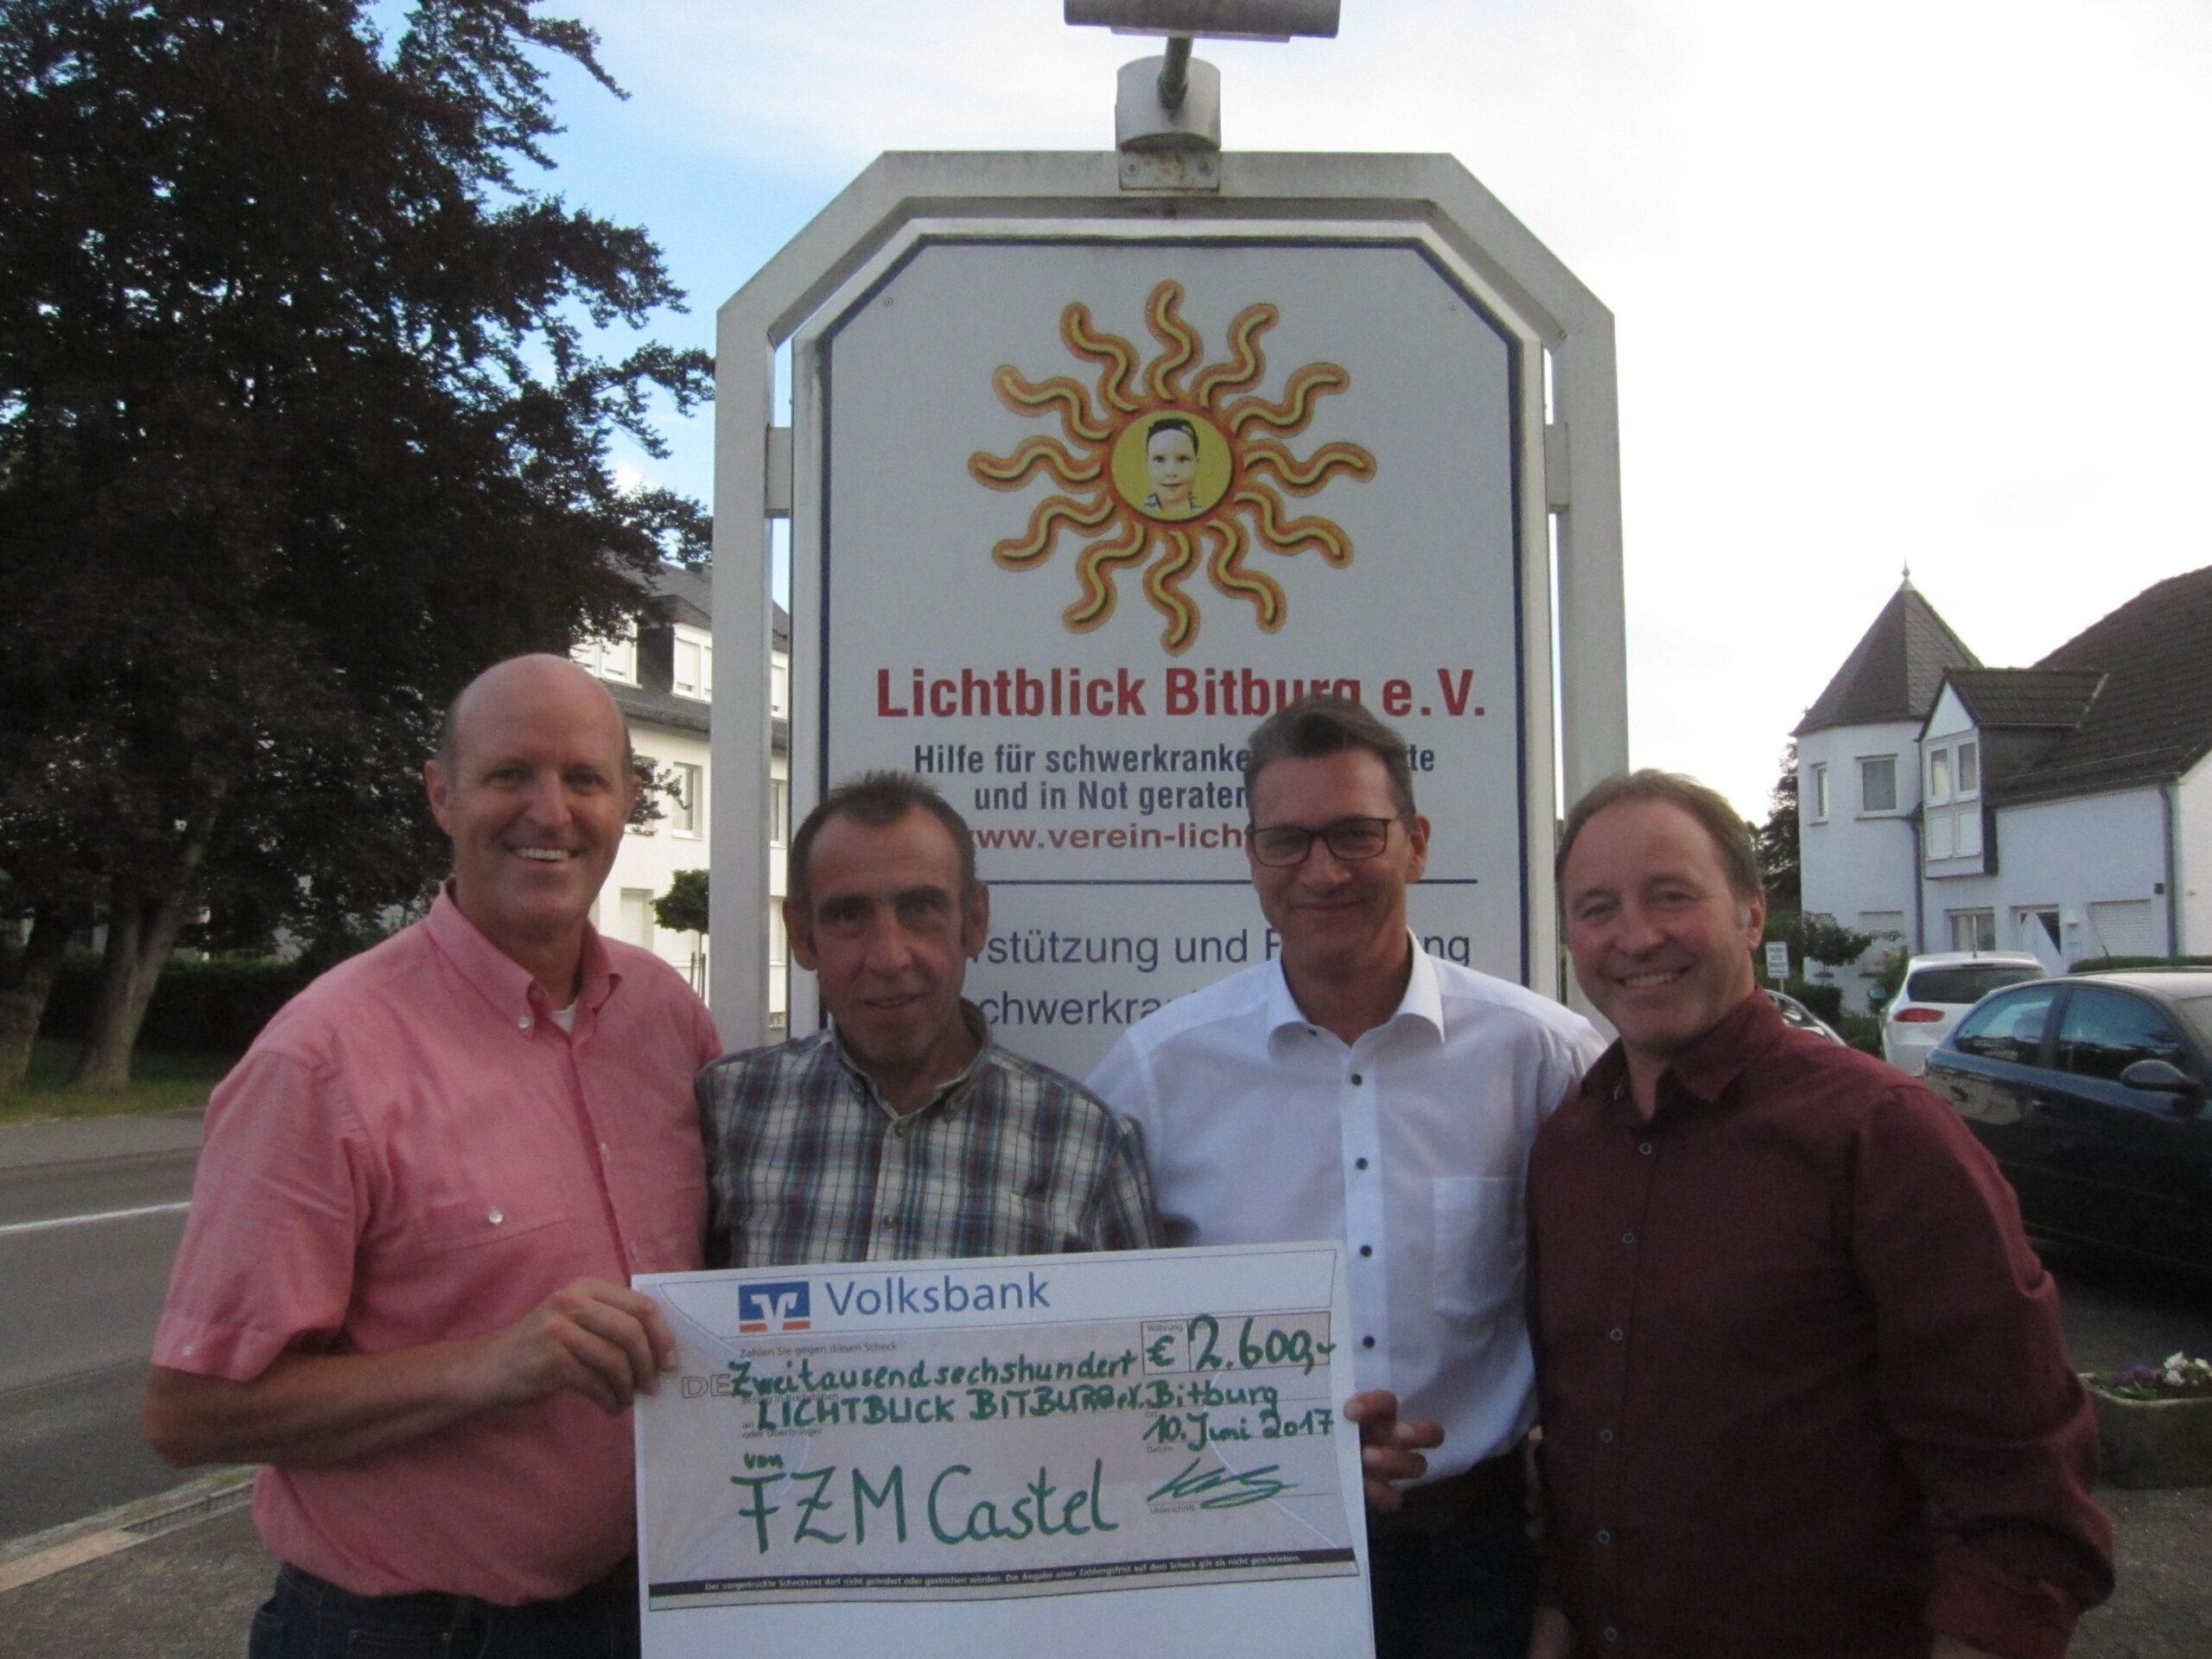 30 – jähriges Jubiläum der Freizeitmannschaft Castel 2.600€ Spende geht an Lichtblick Bitburg e.V.